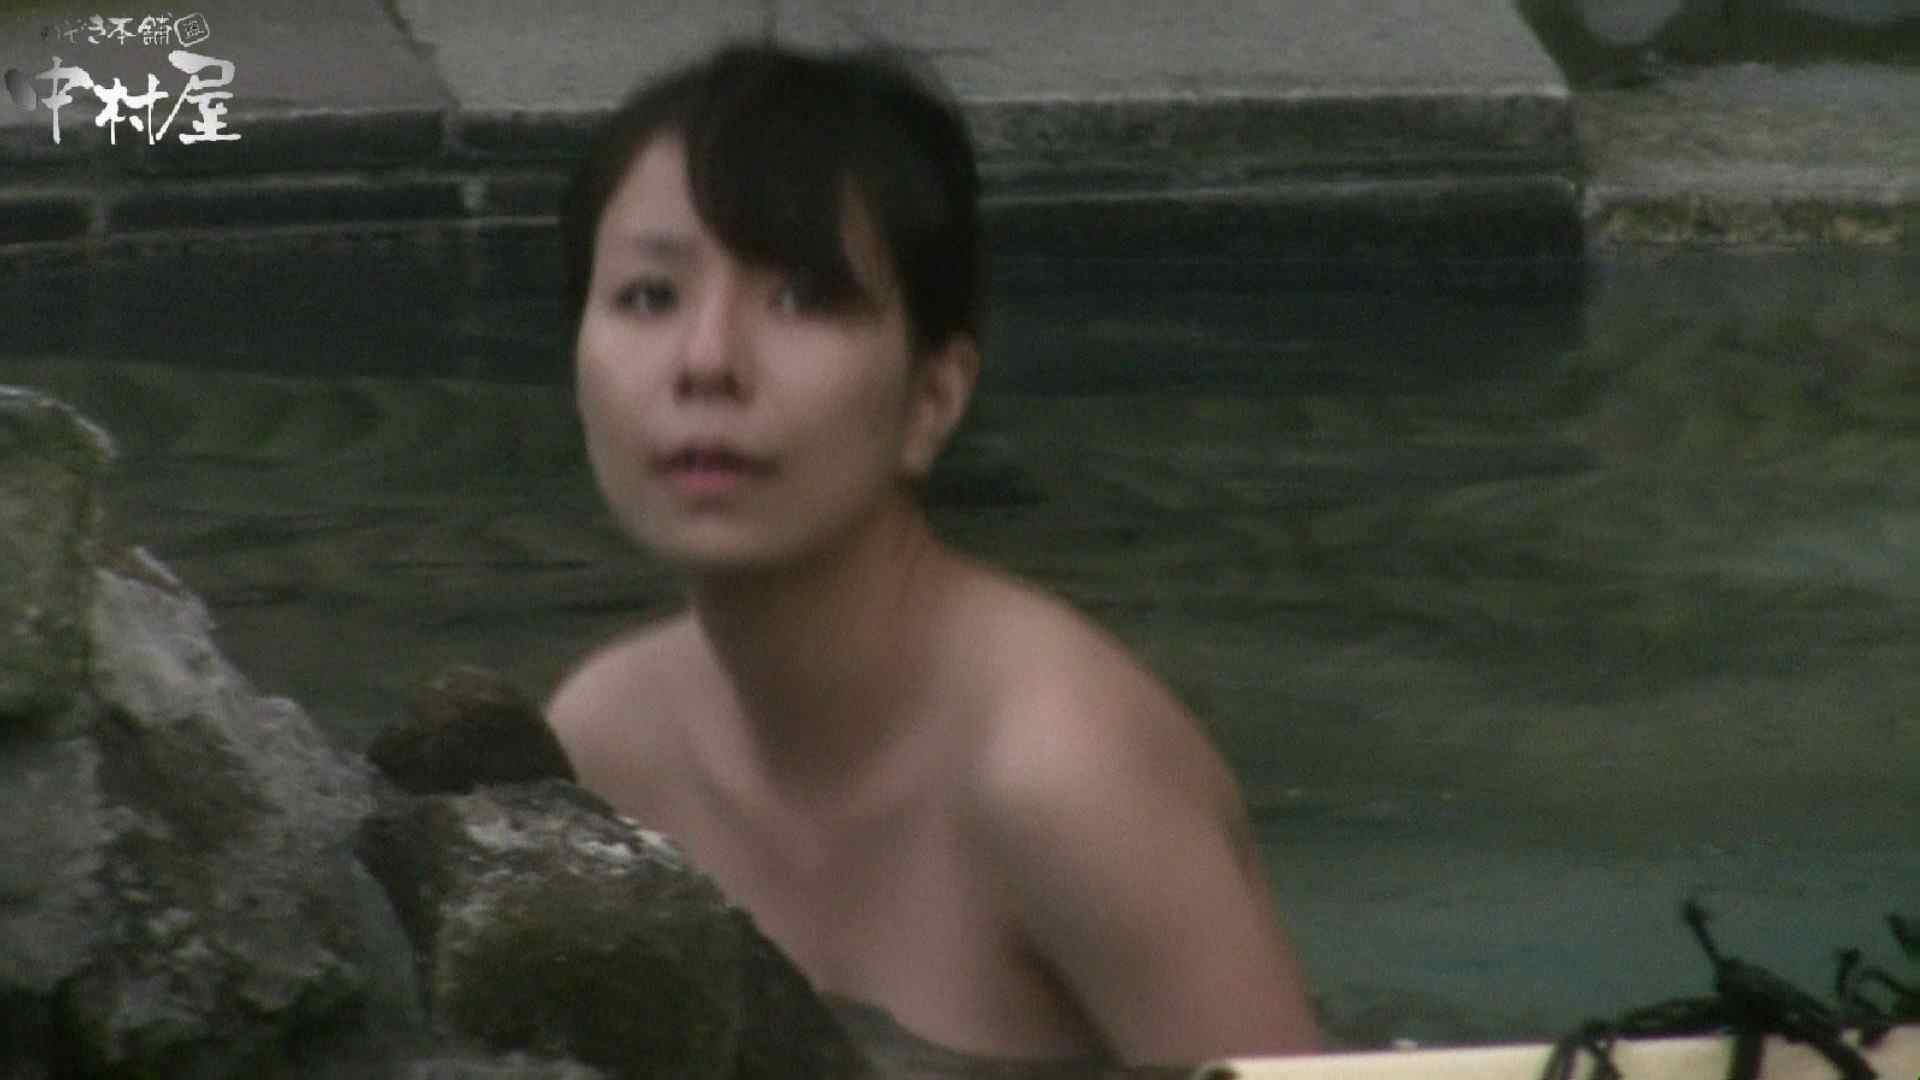 Aquaな露天風呂Vol.930 OL  66pic 41